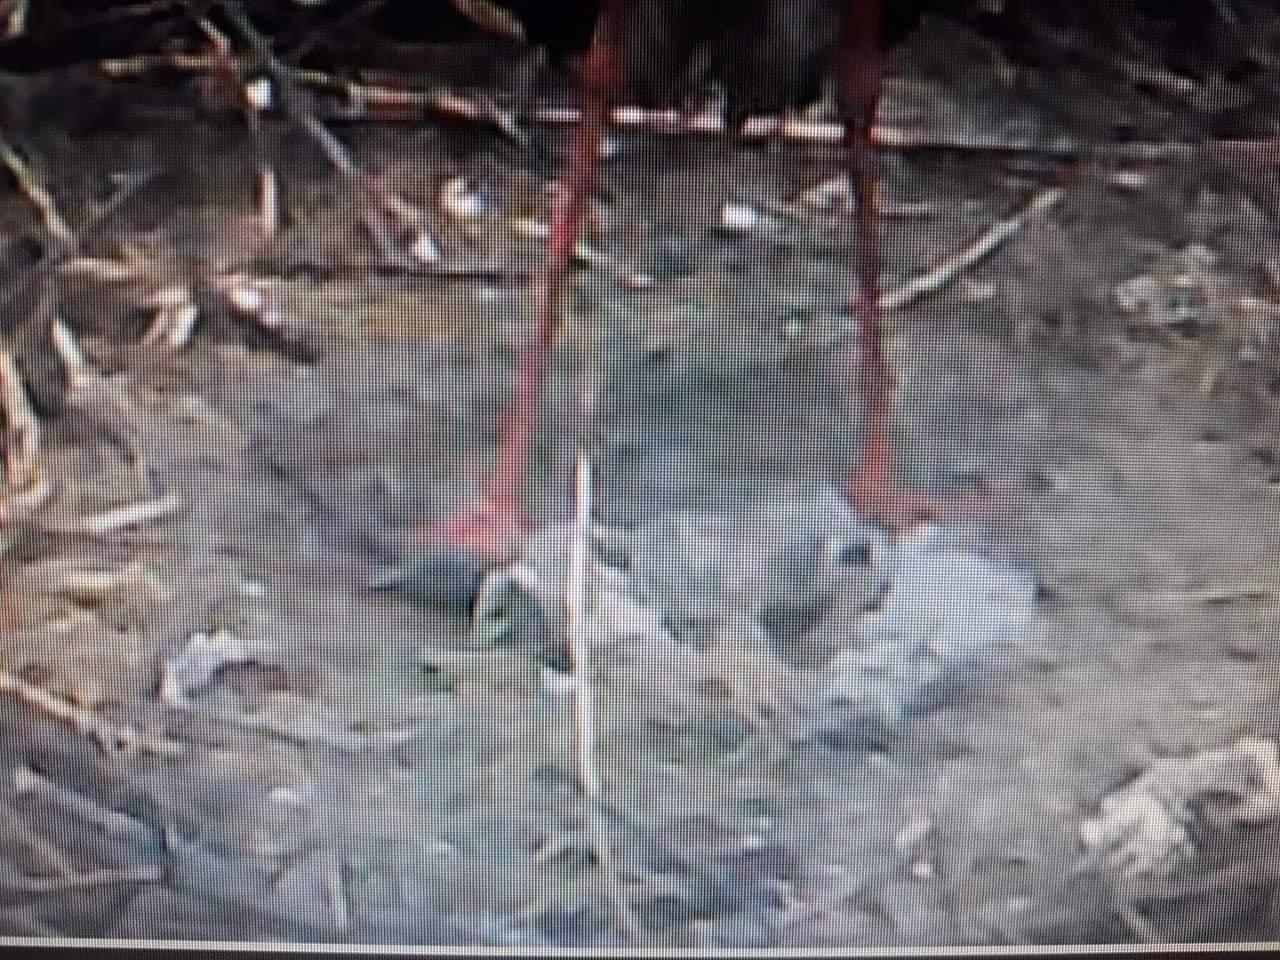 Tombolva csaptak össze a moralizáló kommentelők, a szélsőséges madárvédők és a nemzeti park a Bogyiszlón meghalt 5 gólyafióka miatt